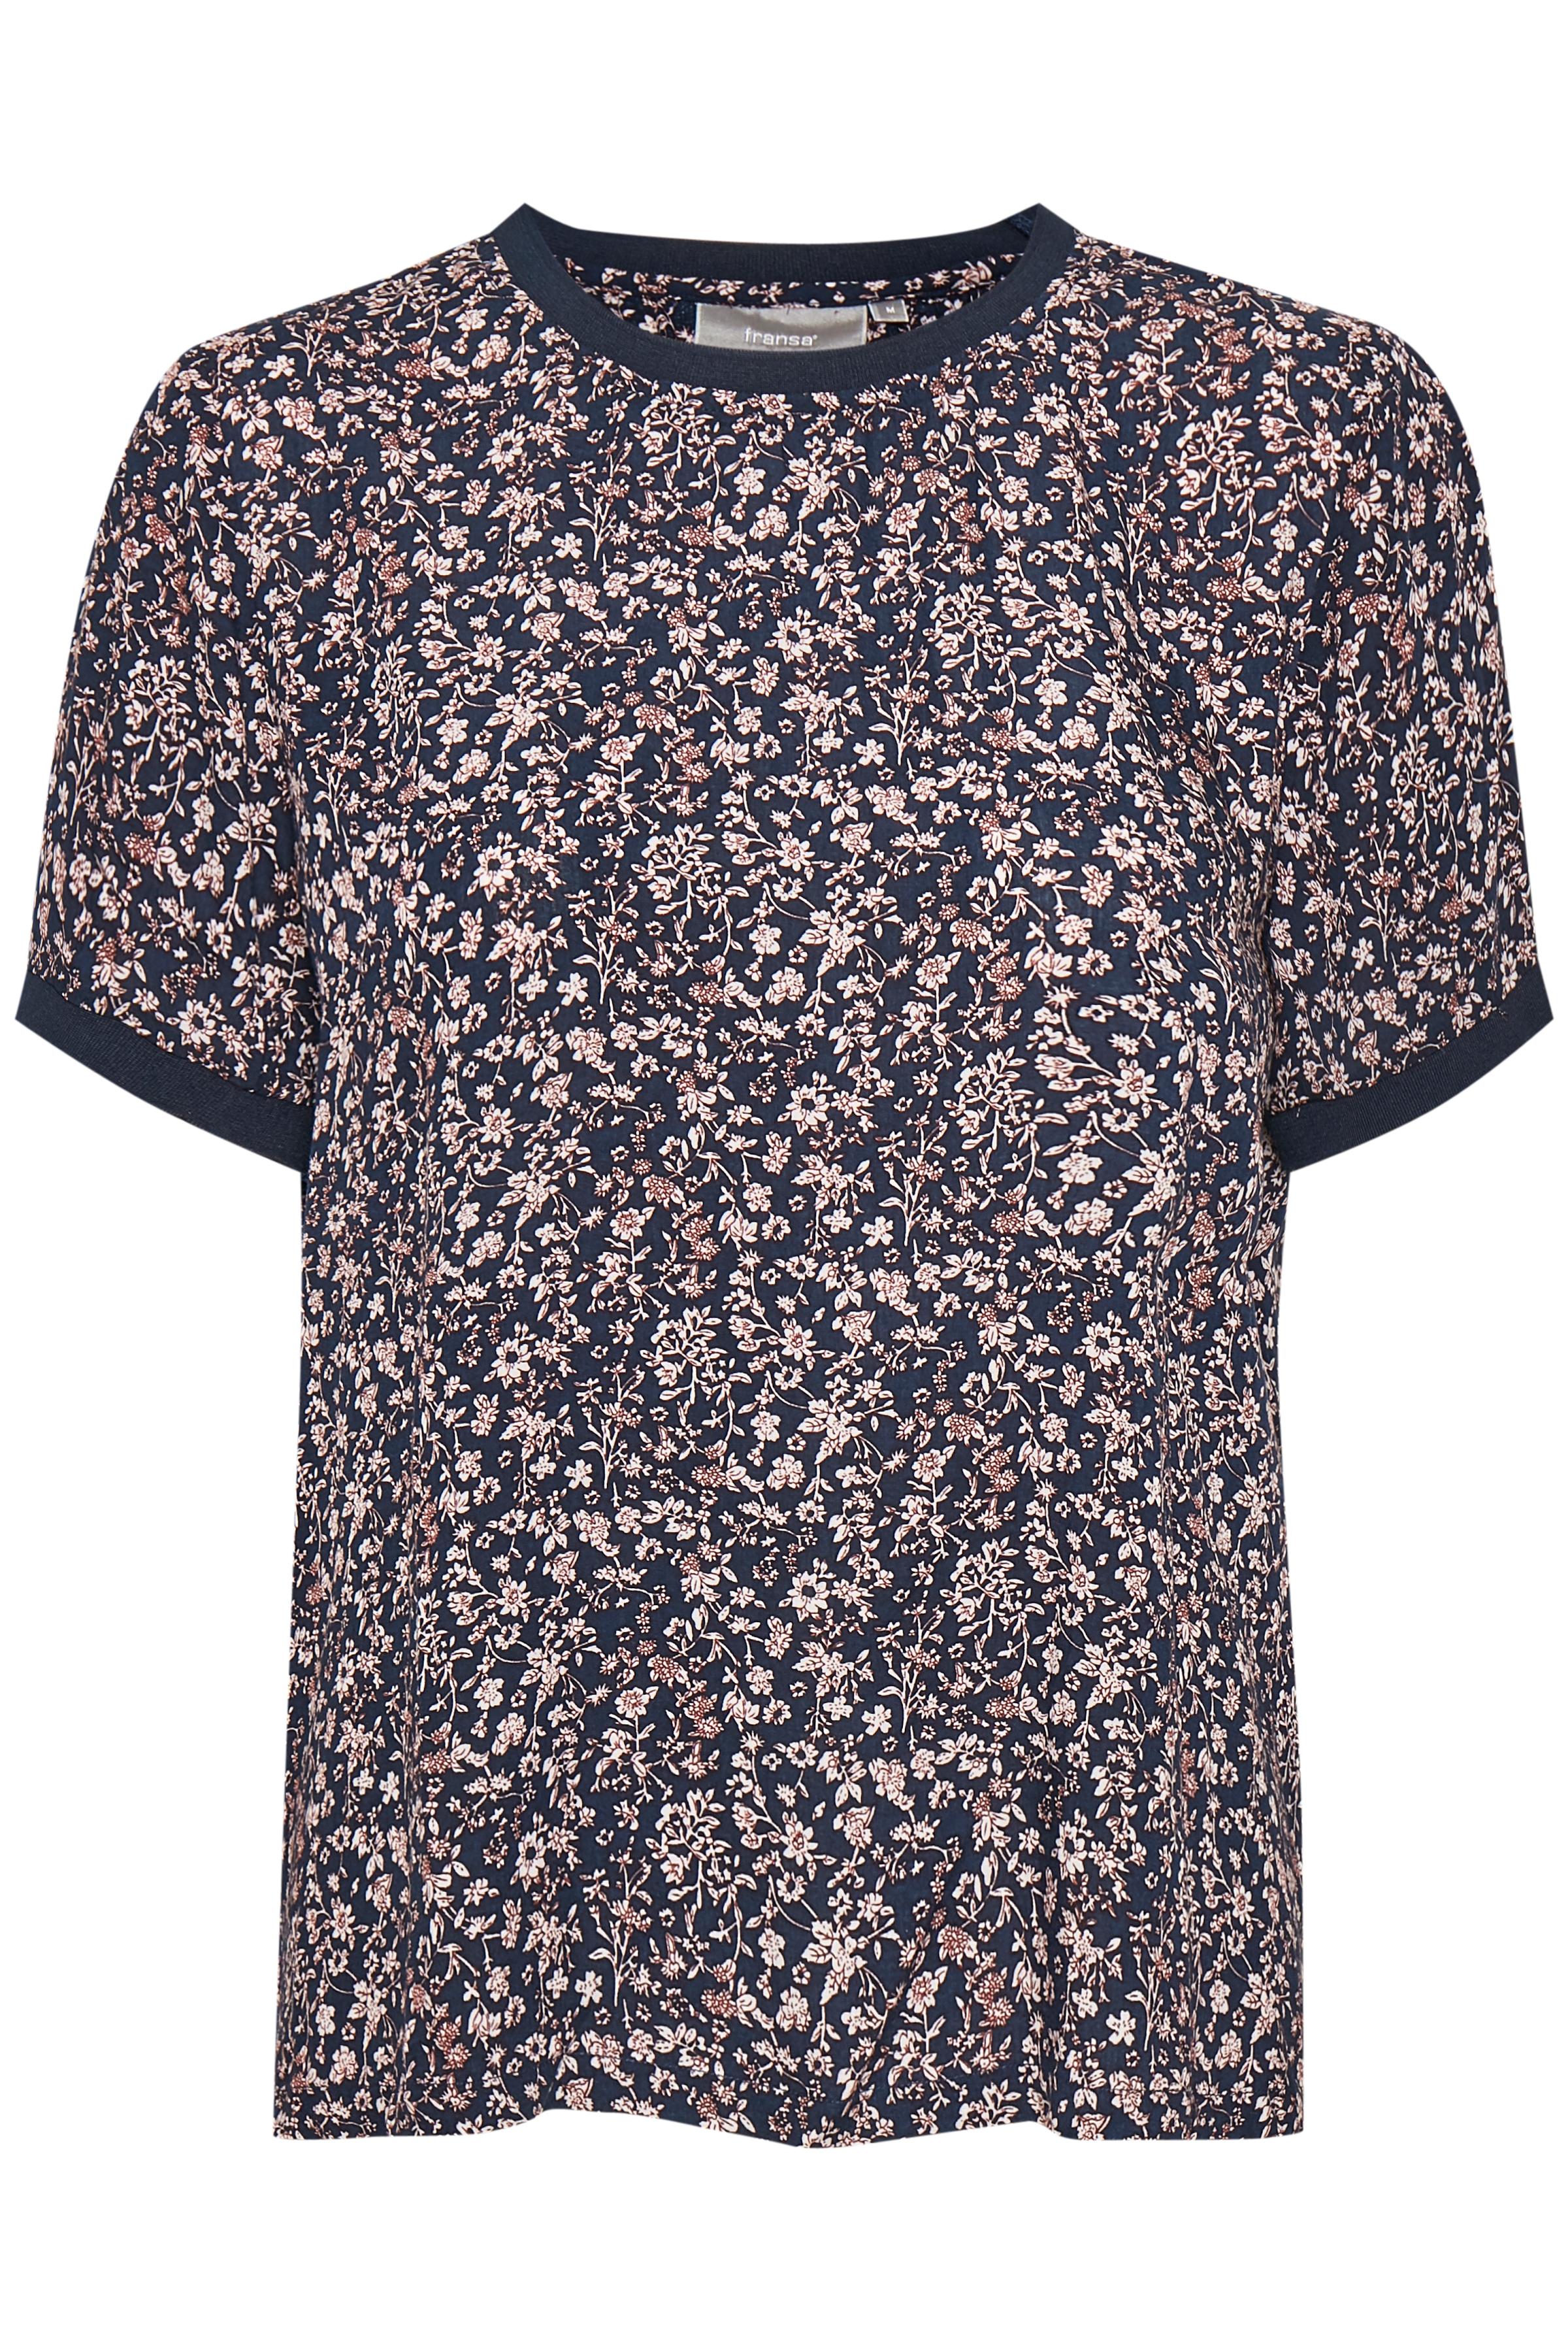 Marineblå/off-white Kortærmet bluse fra Fransa – Køb Marineblå/off-white Kortærmet bluse fra str. L-XXL her